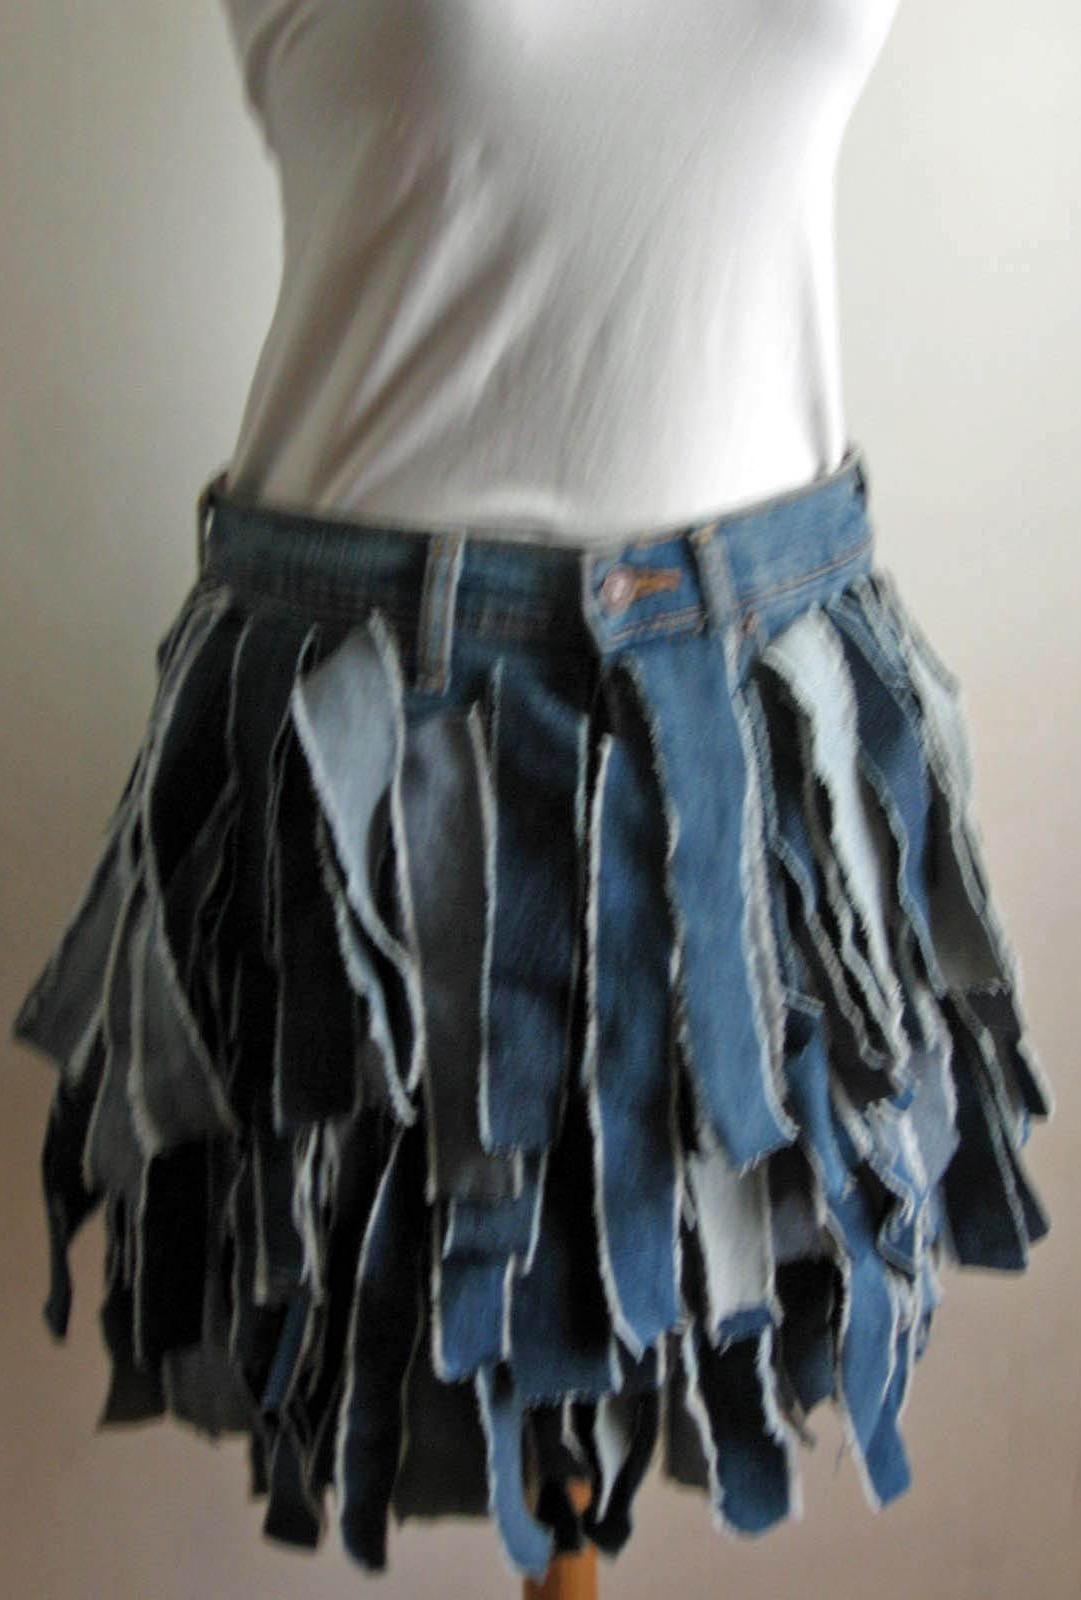 ba118296f13ce2 Blue Denim Skirt - Sustainable Shredded Fringe Denim Skirt USTrendy Blue  Denim Skirt, Jean Skirt